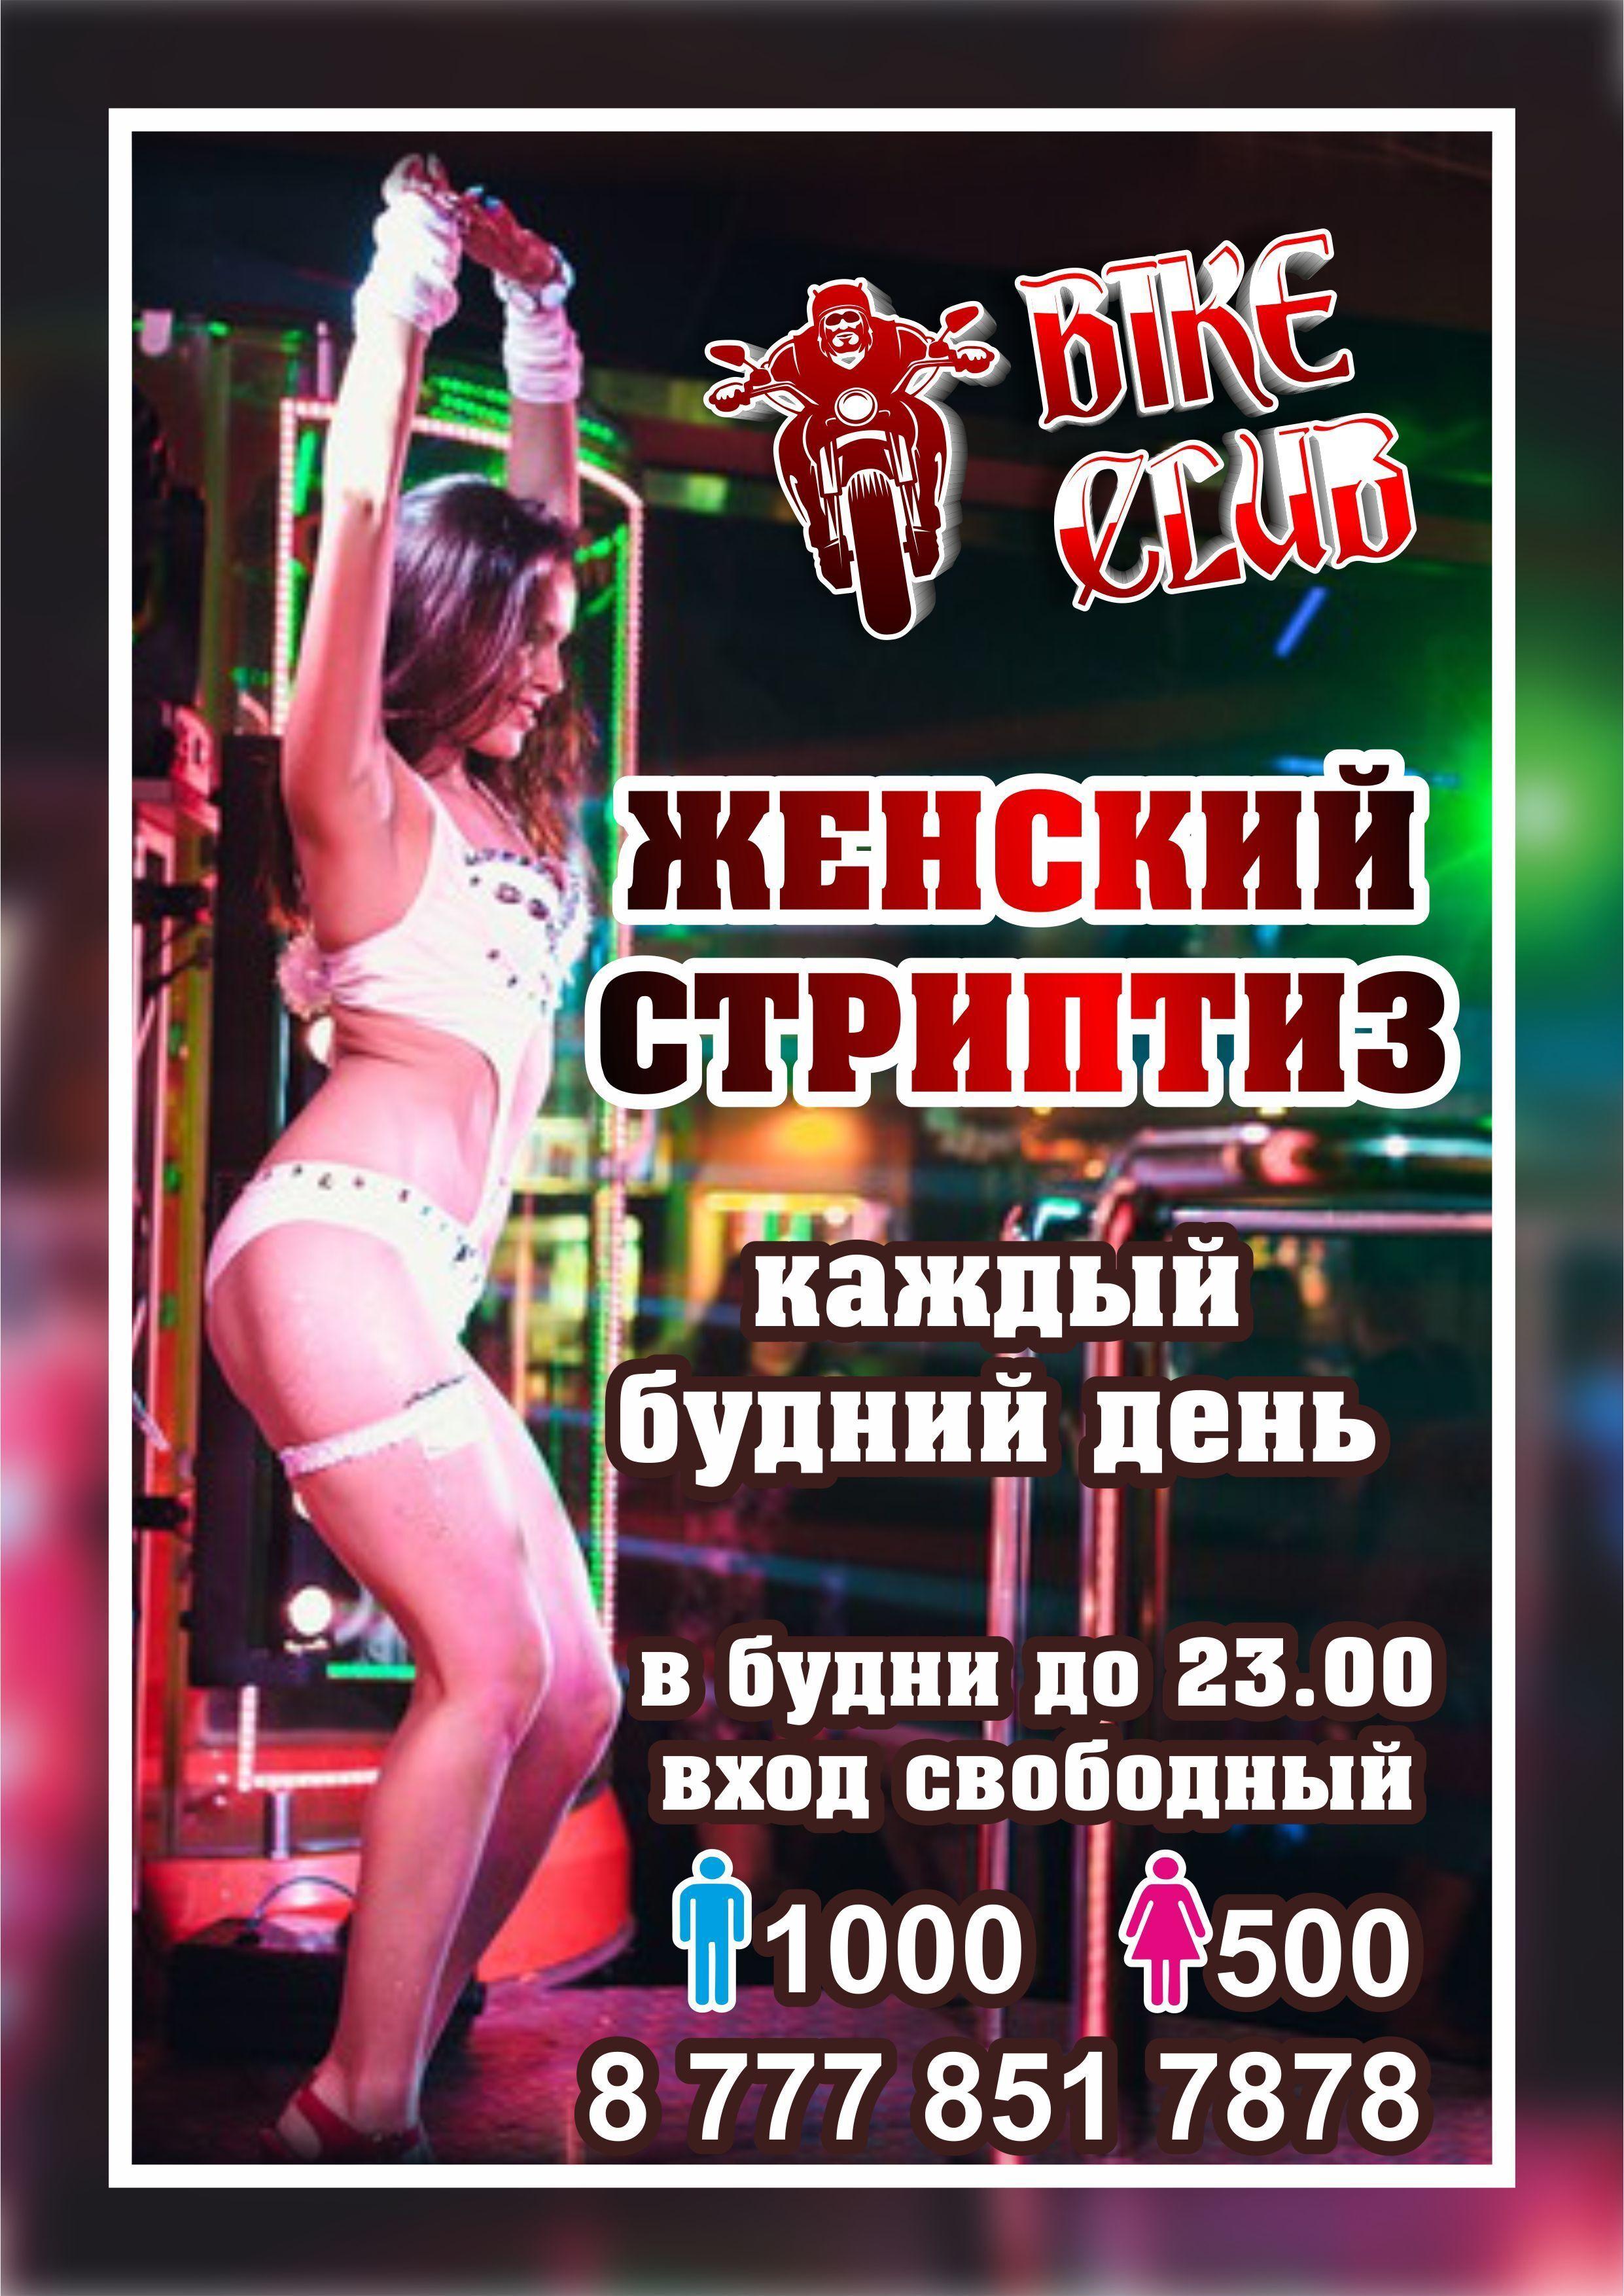 Стриптиз клуб актау сегодня афиша ночных клубов новосибирска